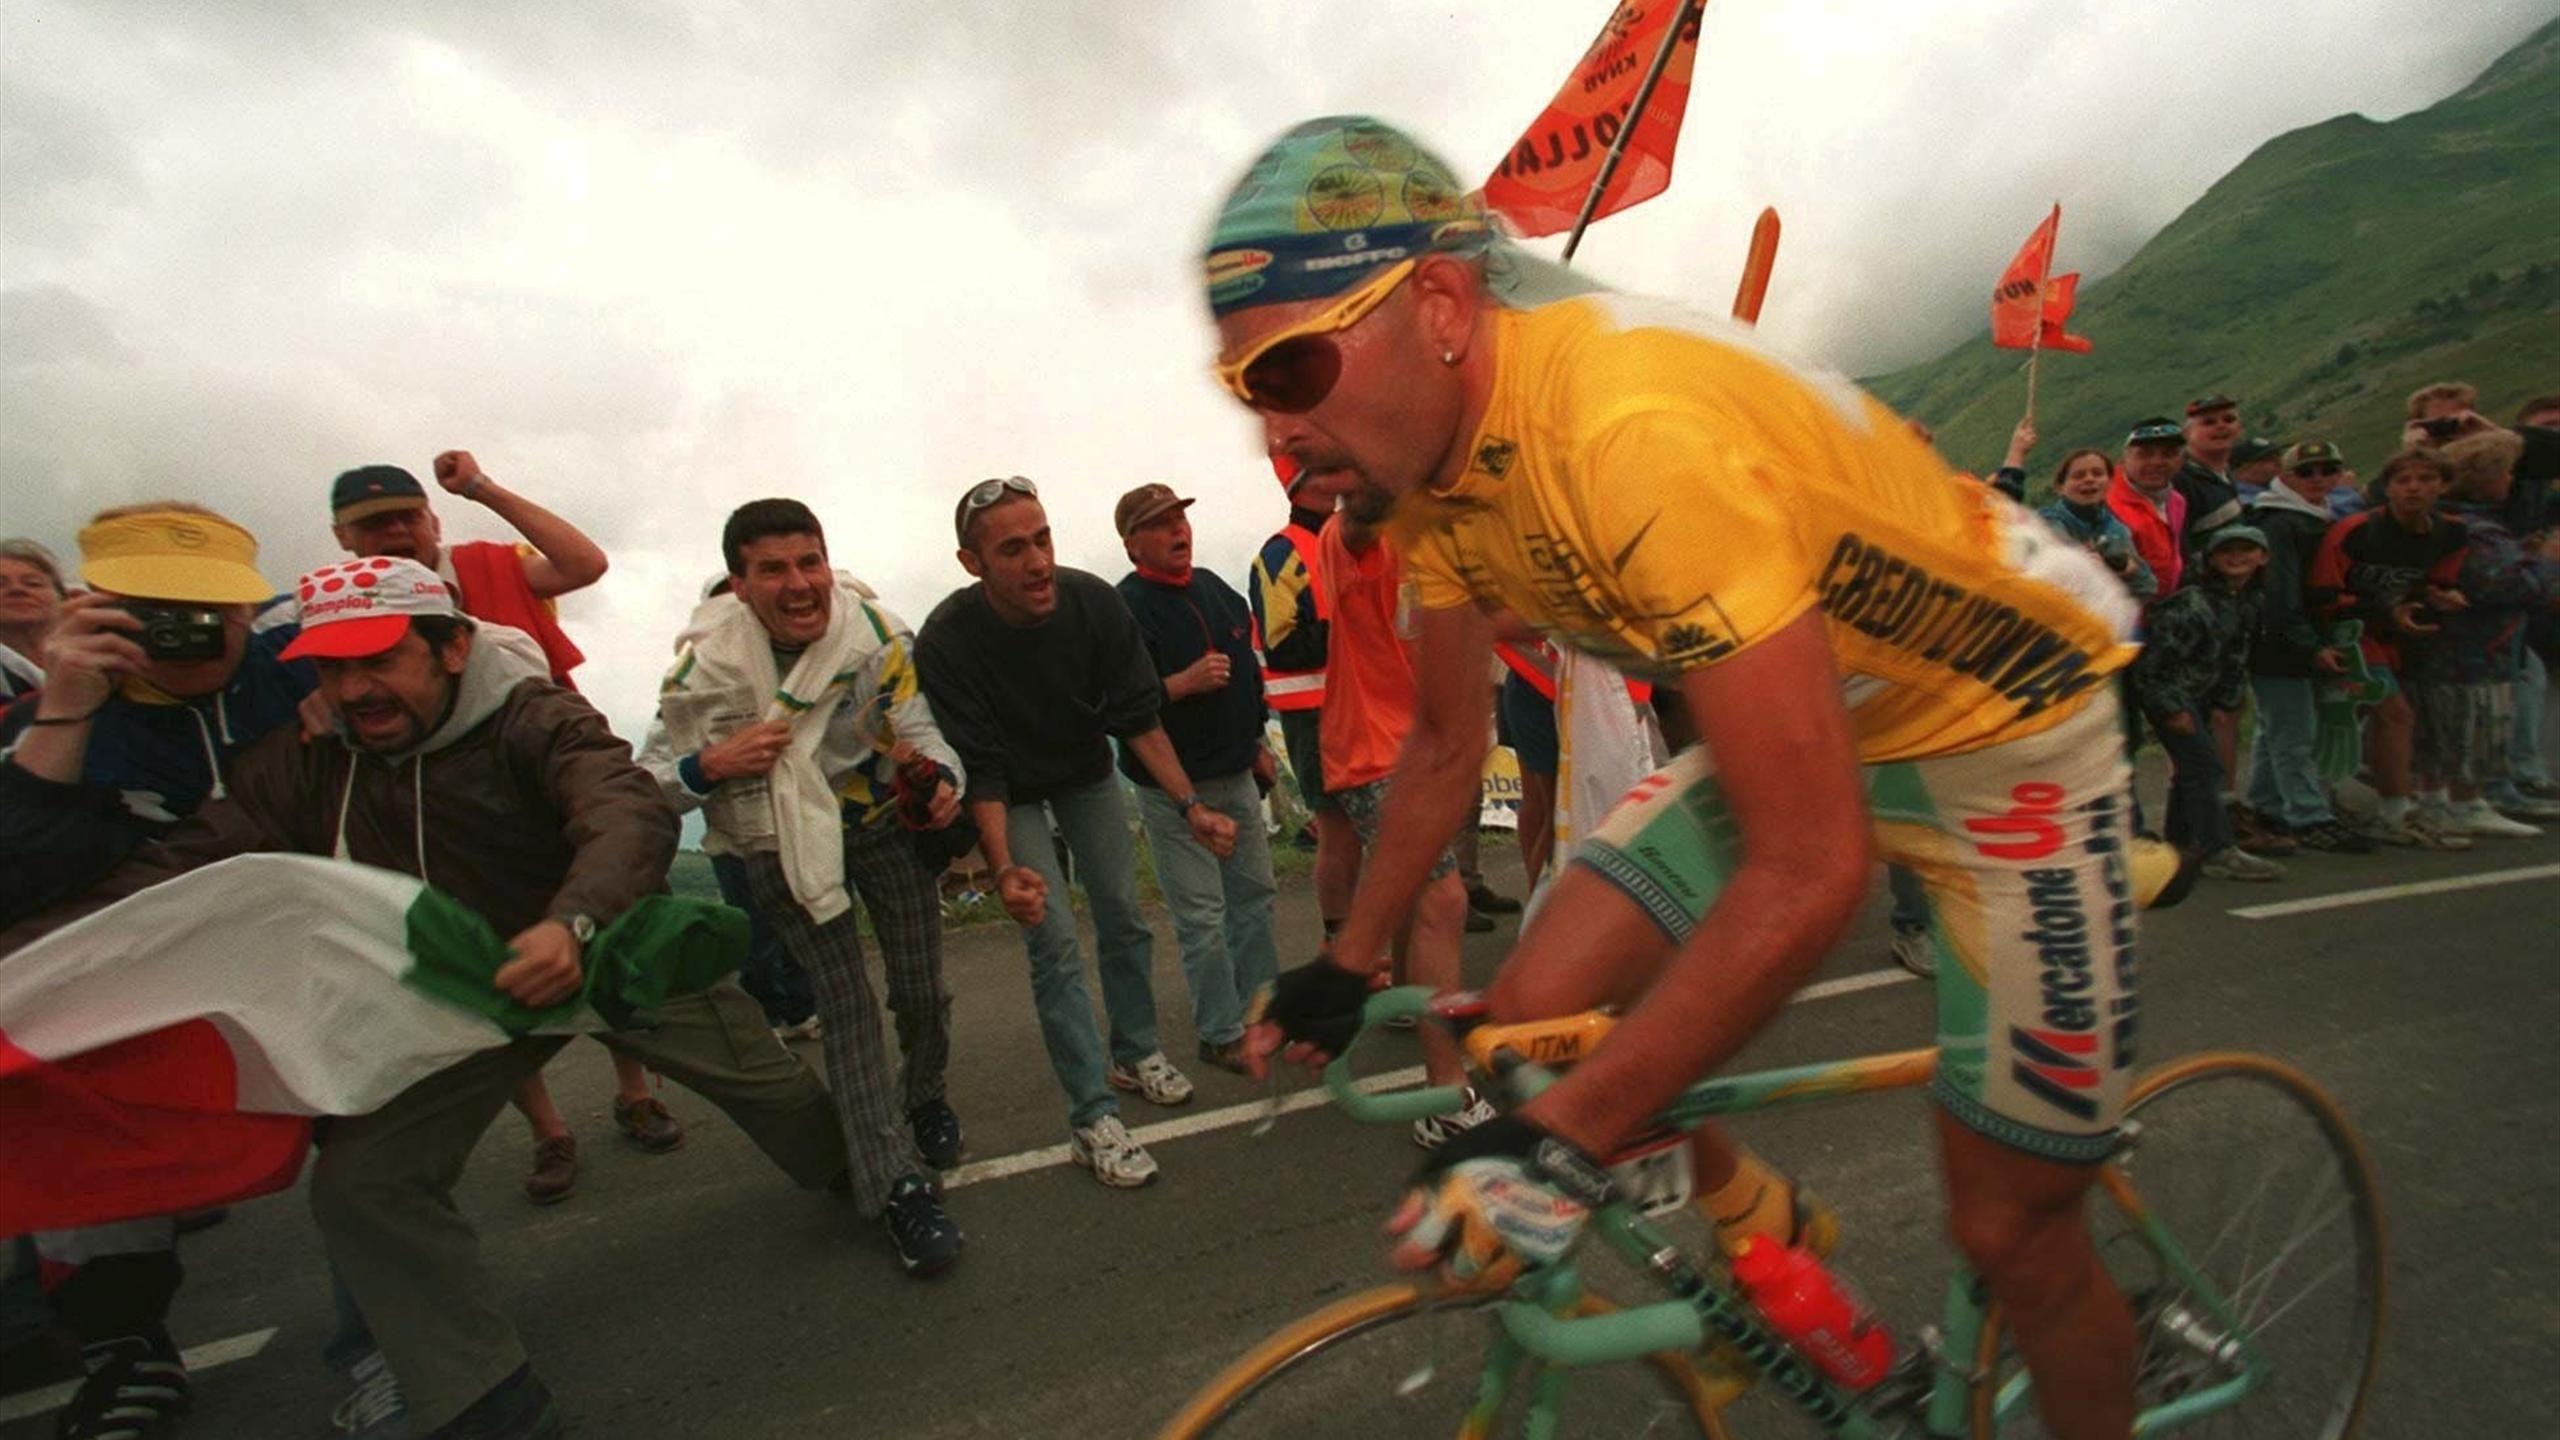 Cimeli di Pantani all'asta, Imola si ribella (e si mobilita)